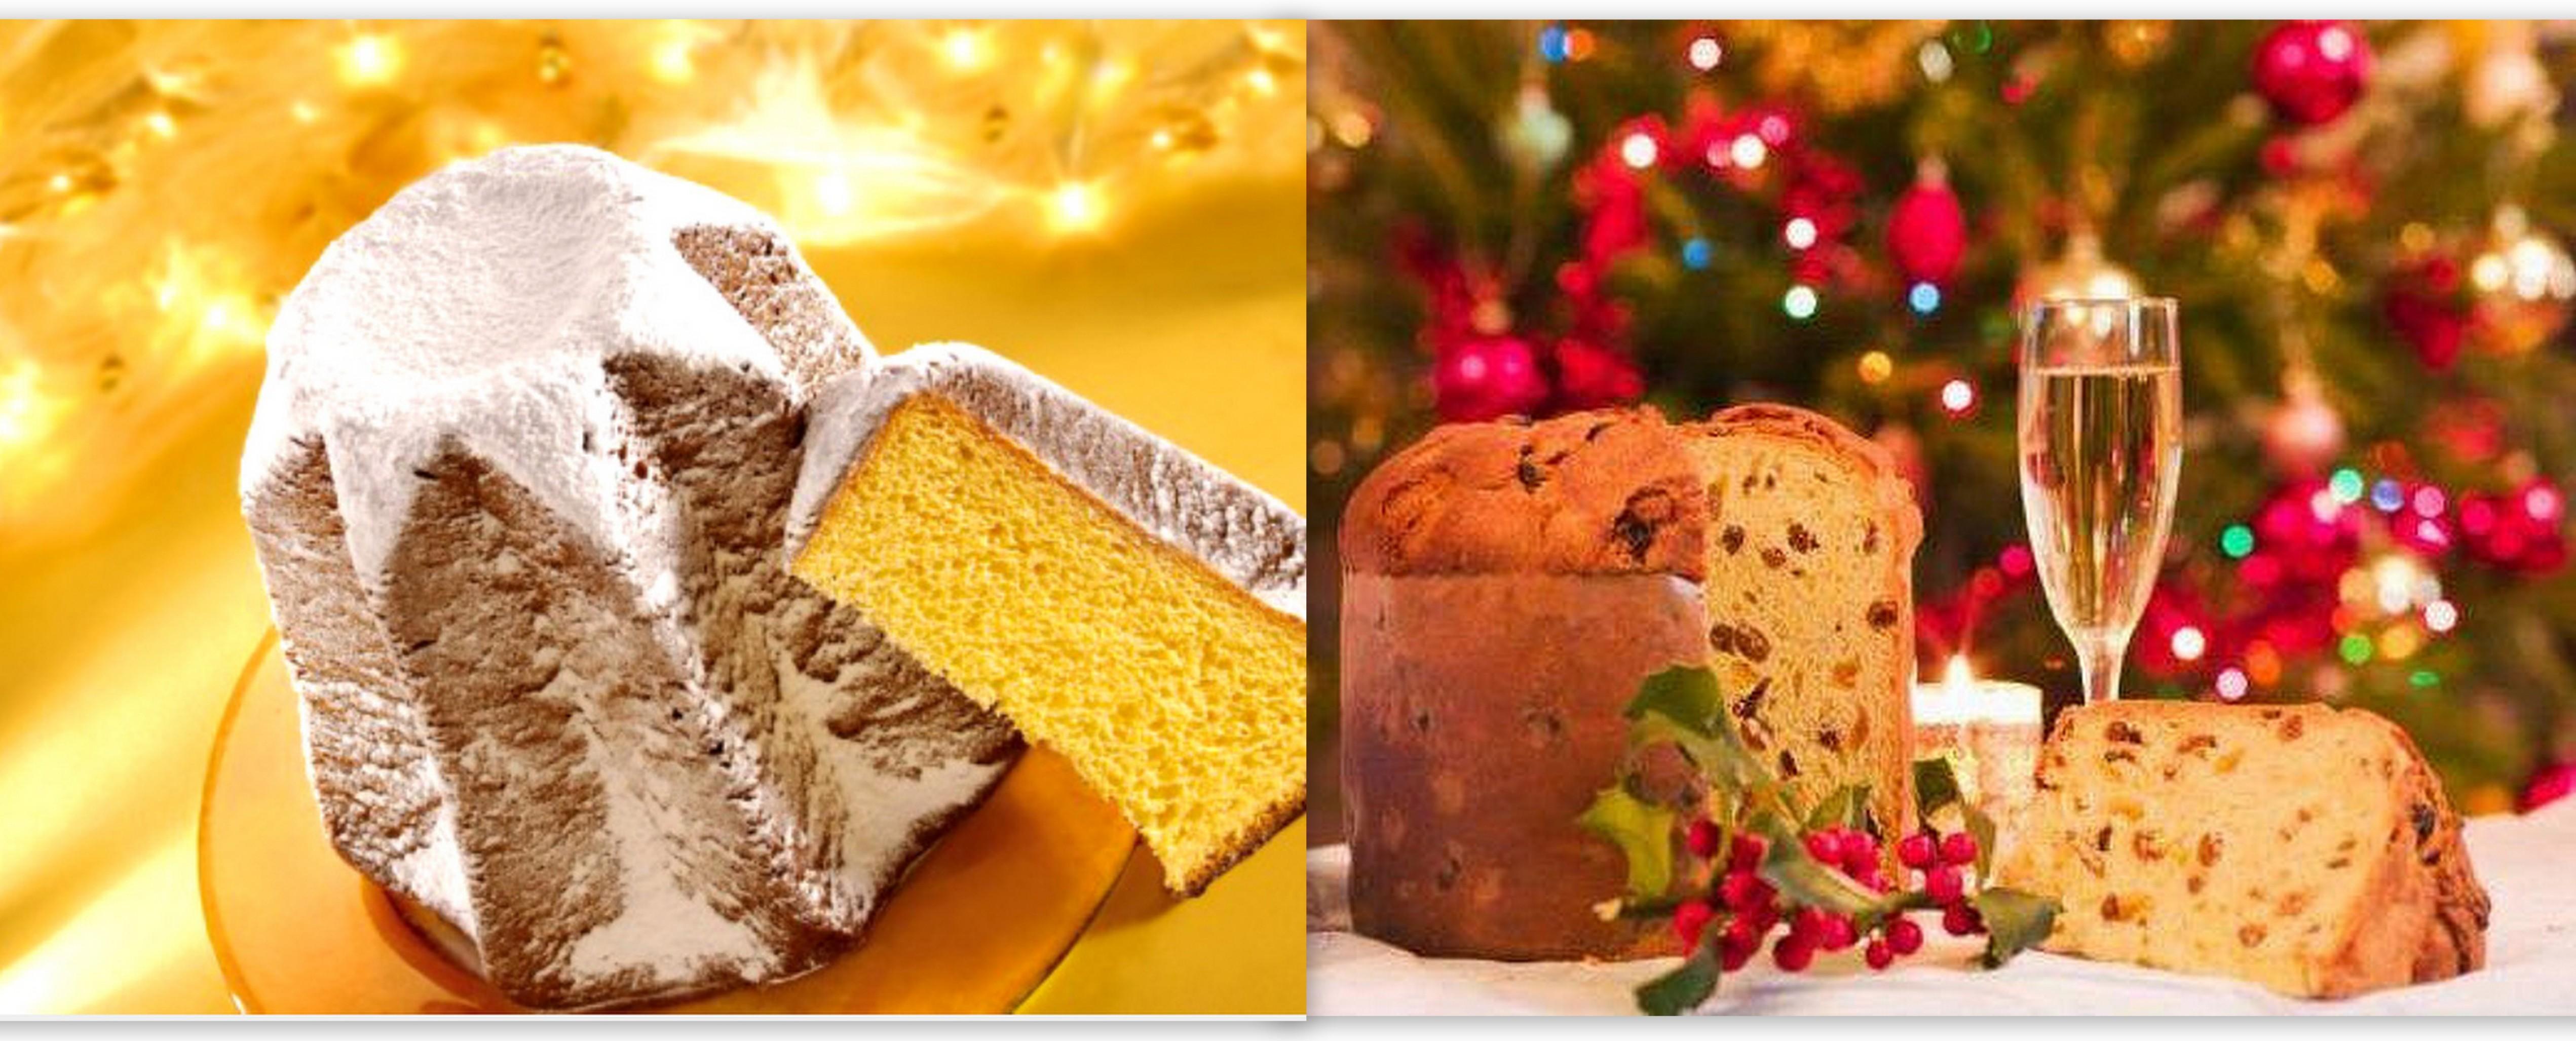 Ricette Dolci Natale 2017: le migliori da preparare